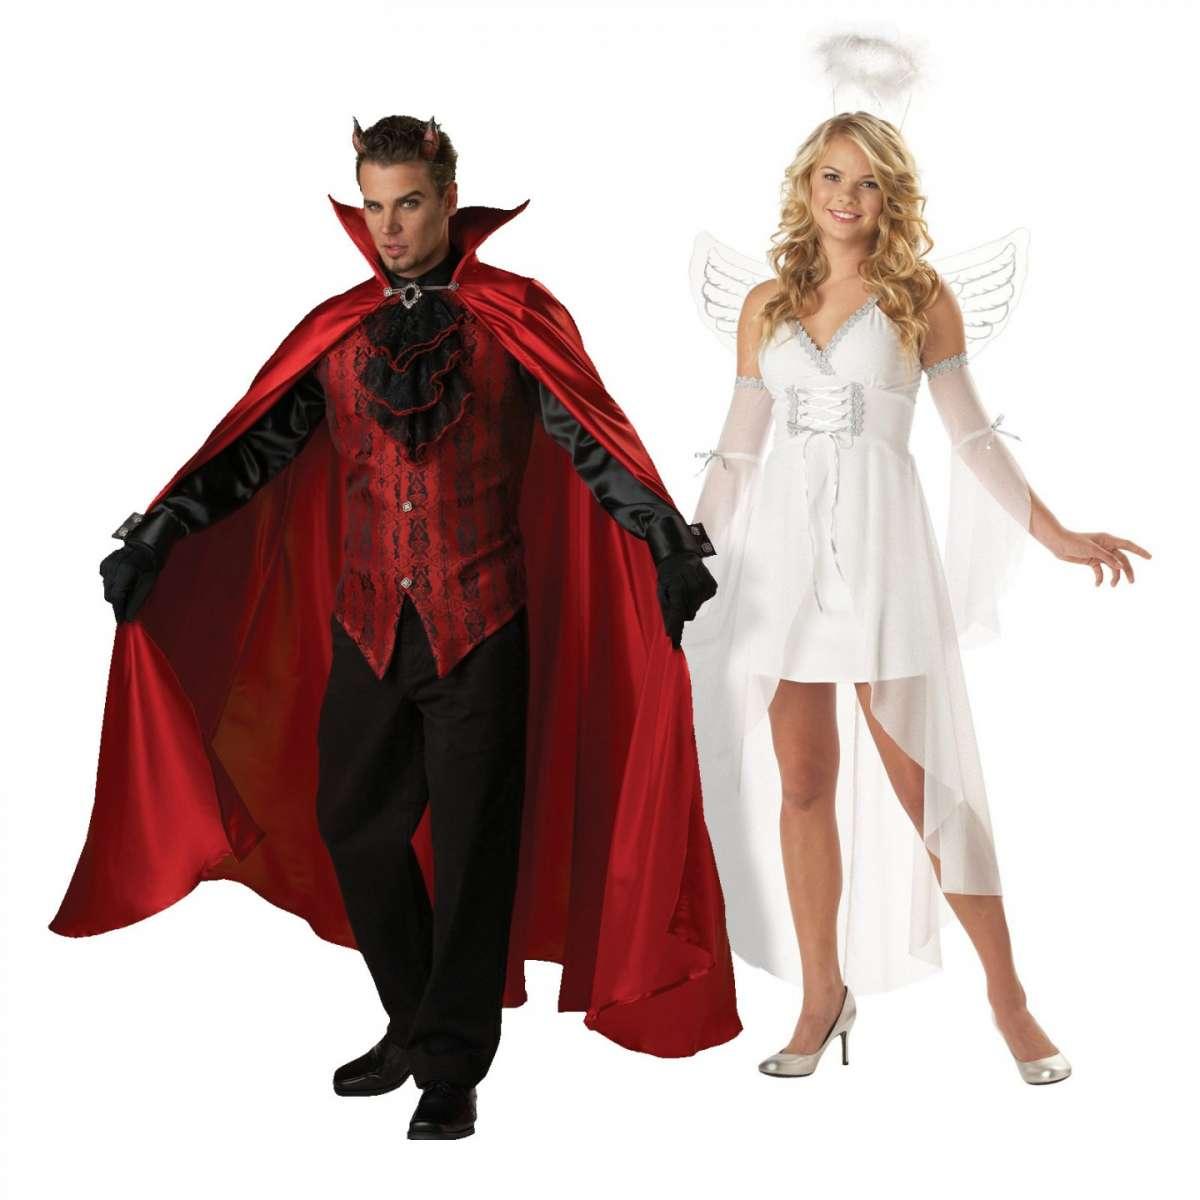 I migliori costumi di coppia per Halloween [FOTO]